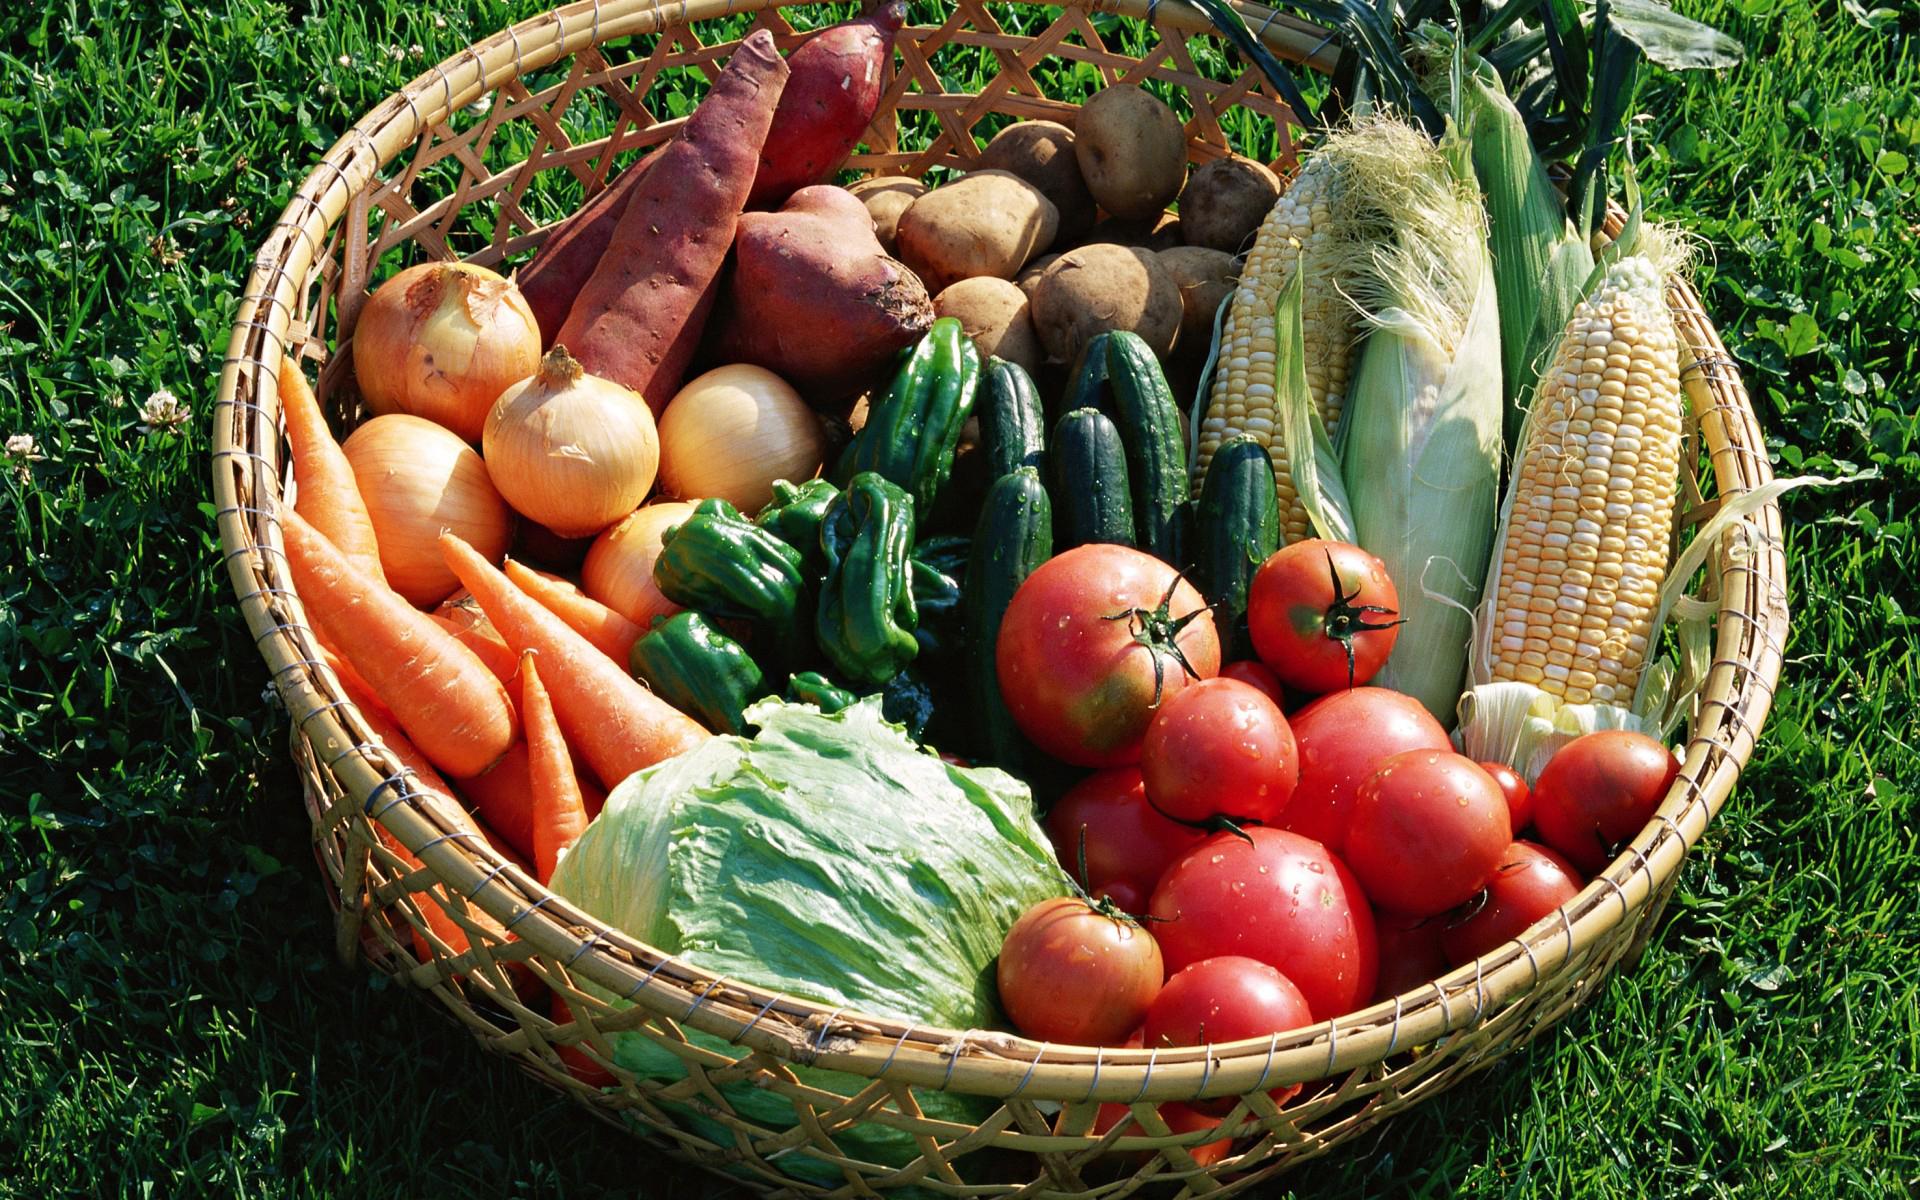 картинки только помидоров огурцов и морковь